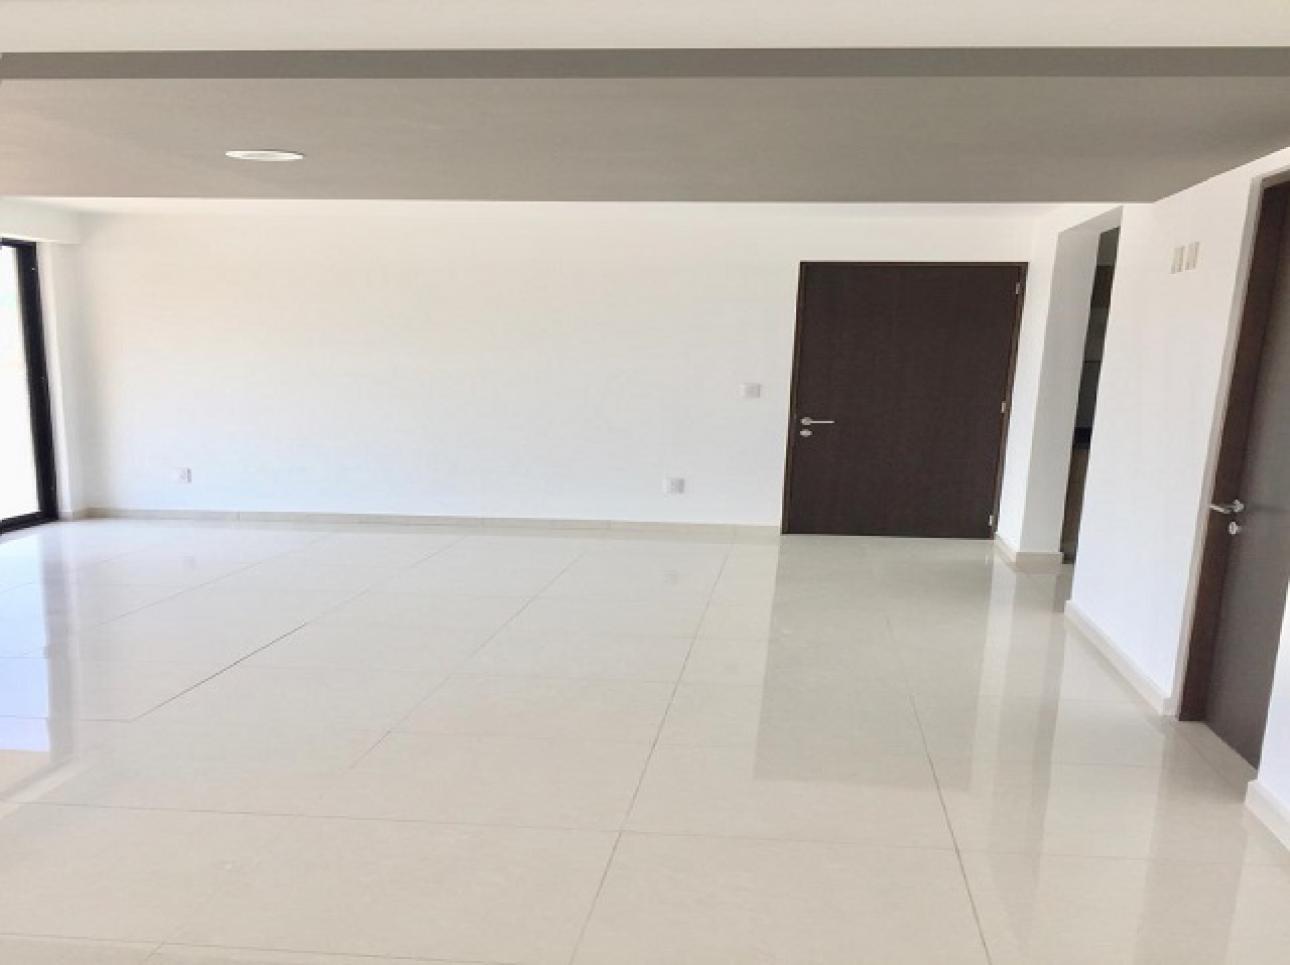 vetro inmuebles,  de Departamento en Fraccionamiento Lomas Lindas I Sección   Atizapán de Zaragoza